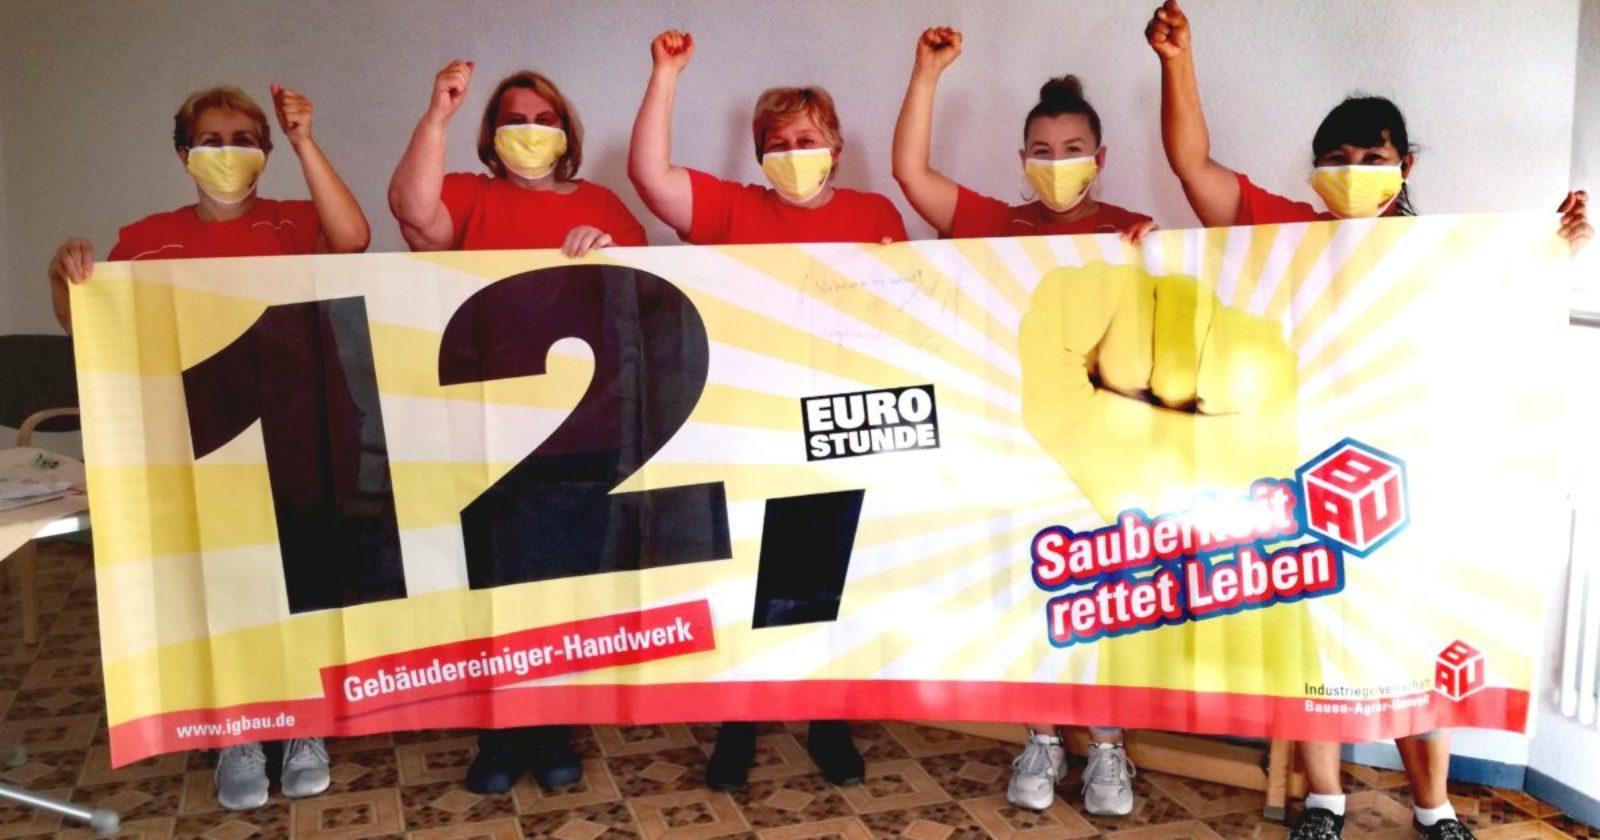 Kolleginnen, die in einem Altersheim in Stuttgart reinigen, stehen weiterhin hinter der Forderung nach 12,-€ Stundenlohn